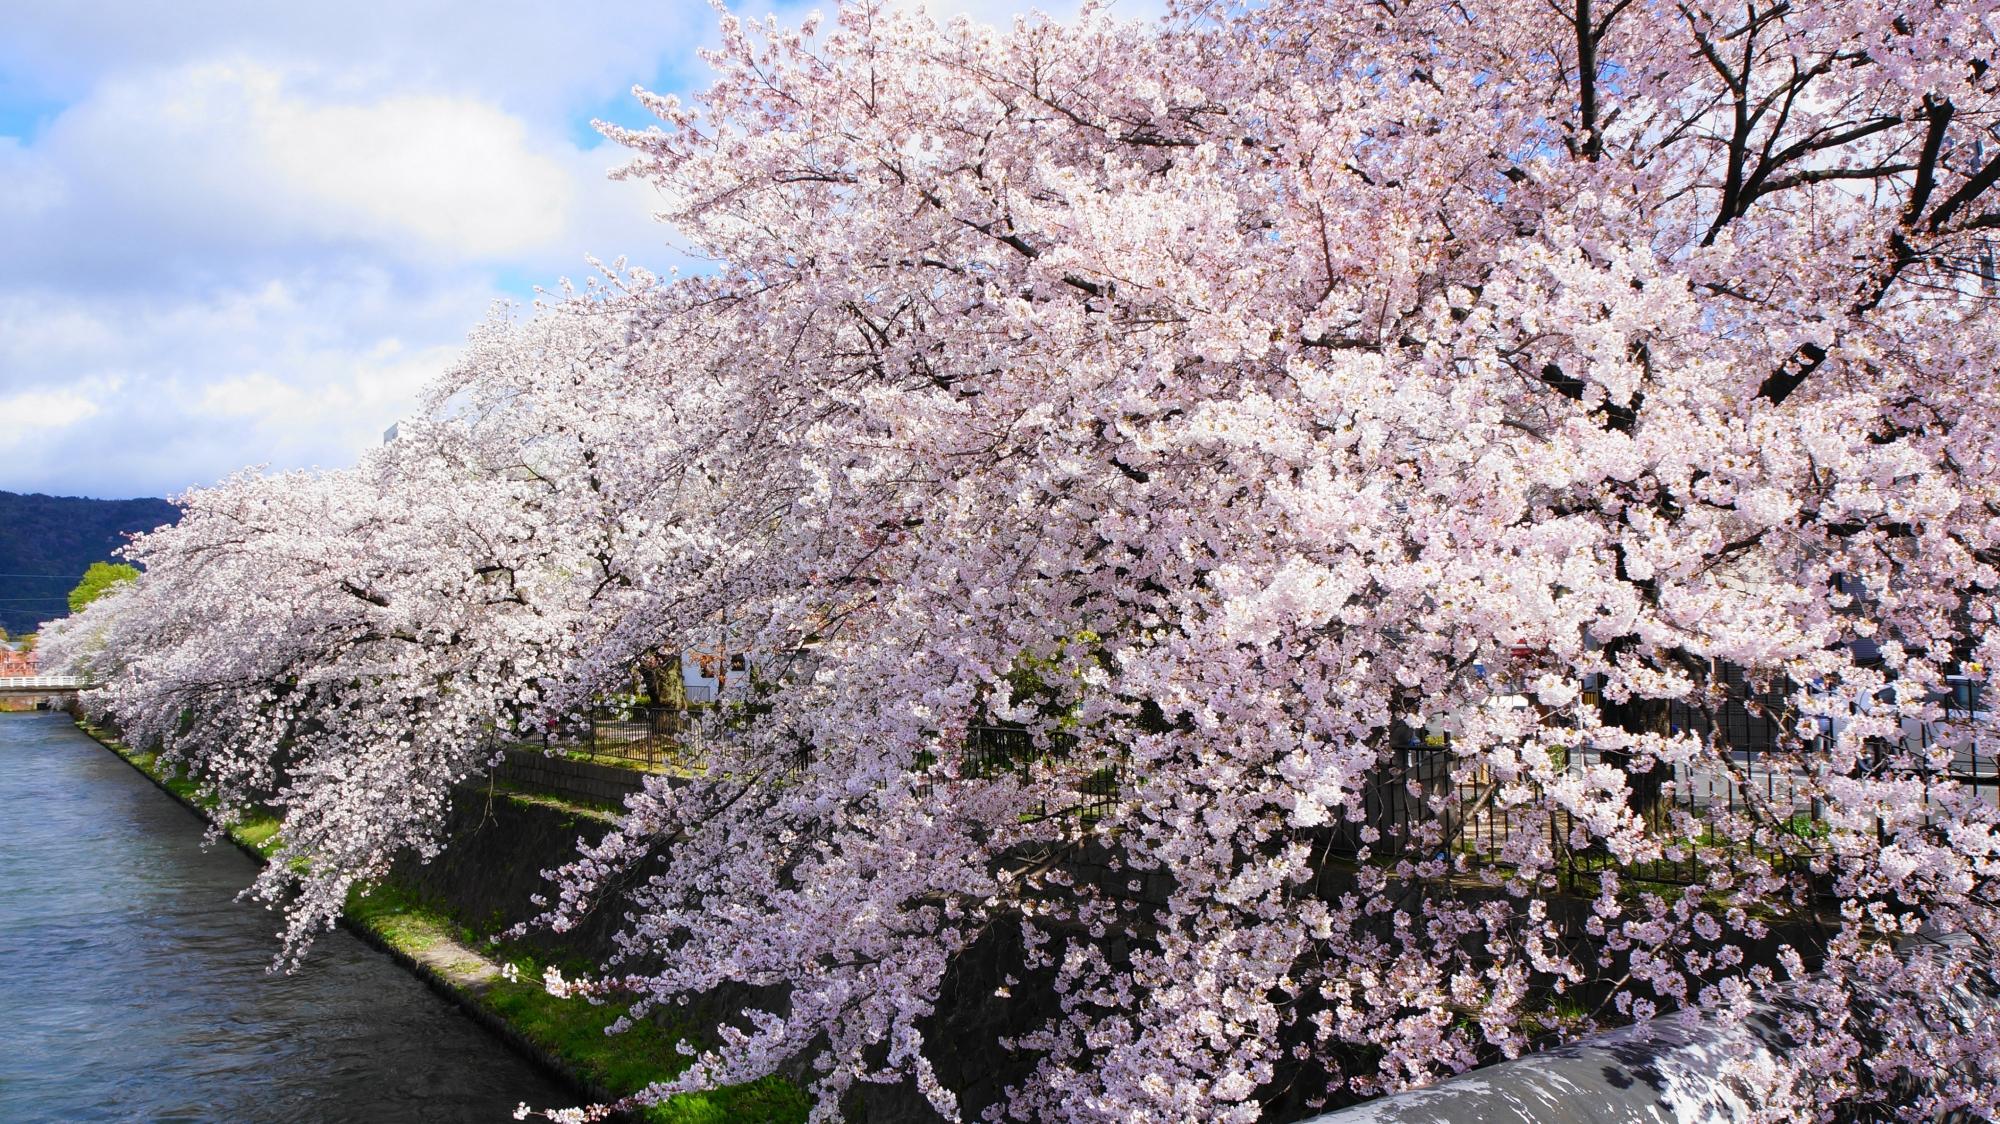 川端通沿いの琵琶湖疏水の桜